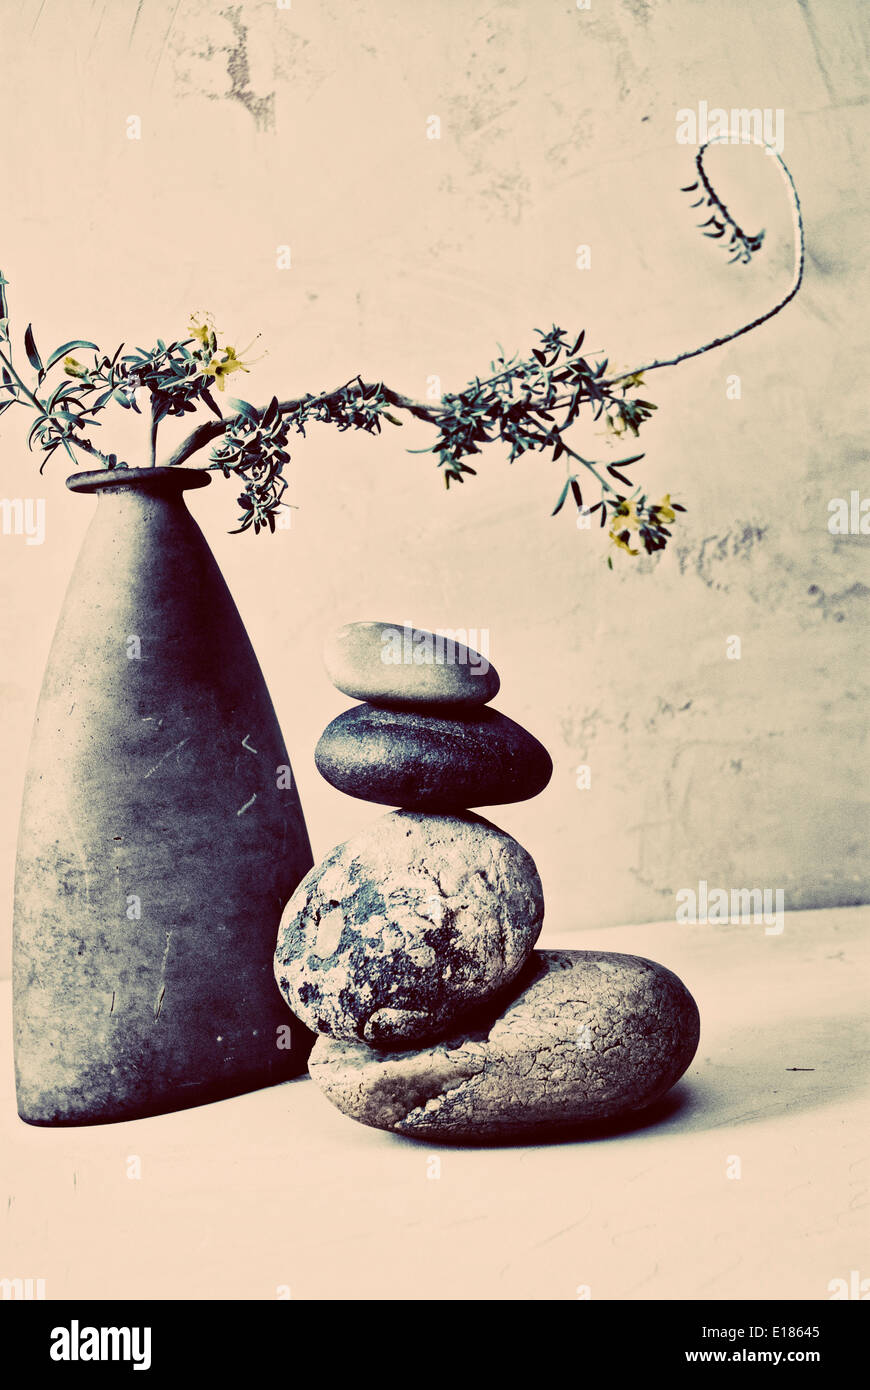 Wabi-Sabi Stillleben Fotografie mit Steinen und Vase. Stockbild